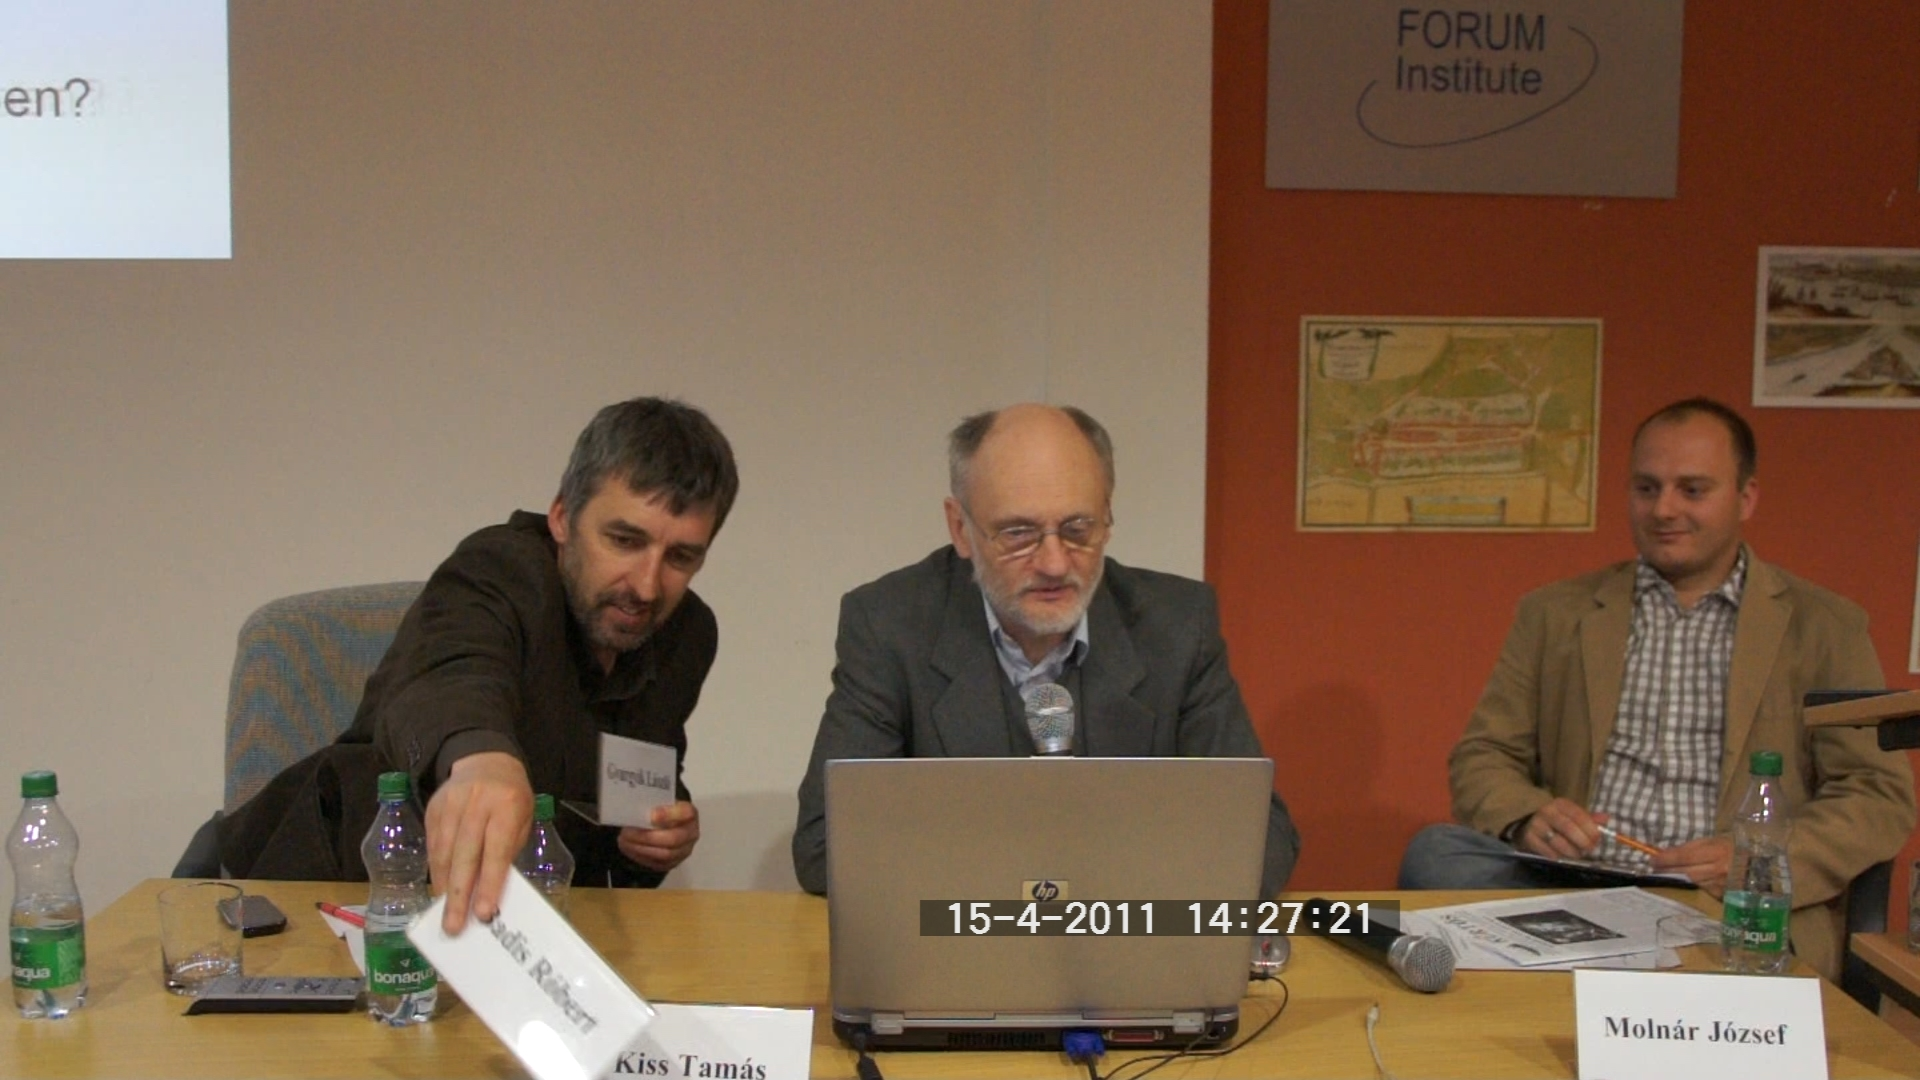 Népszámlálás konferencia, Fórum Intézet, Somorja